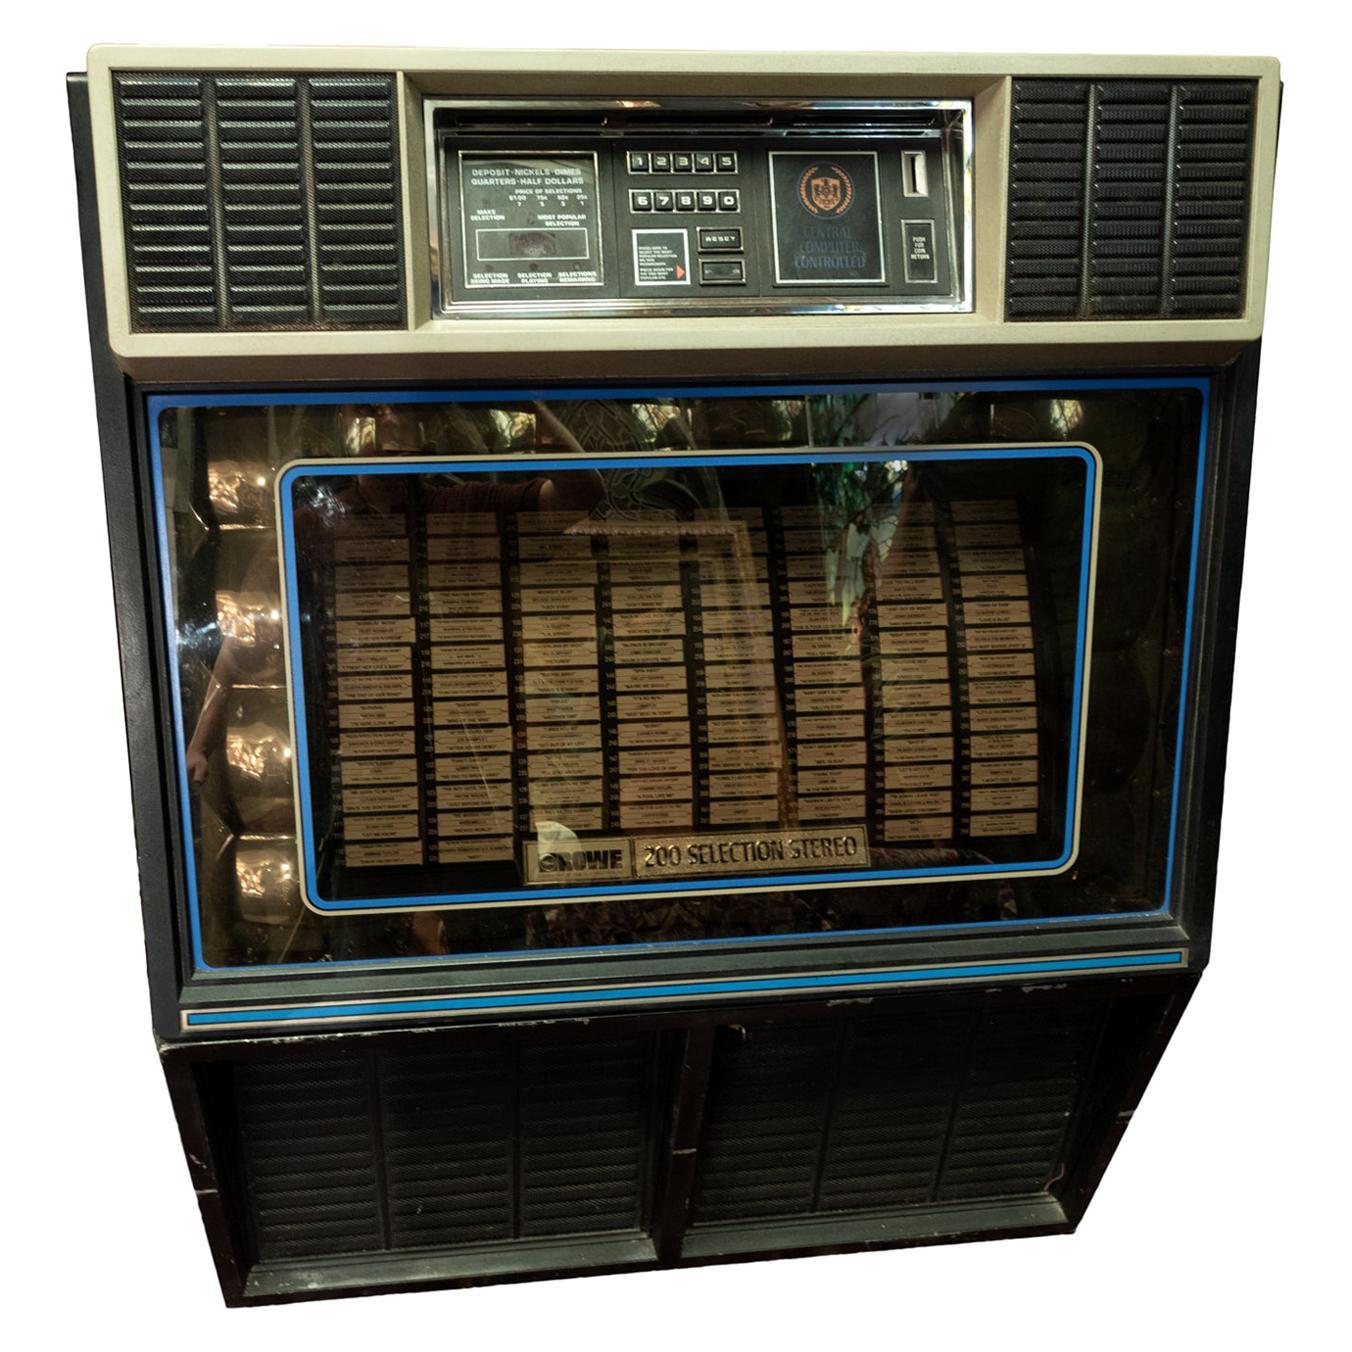 1982 Rowe Jukebox Model R86, 100 45 RPM Vinyl Records